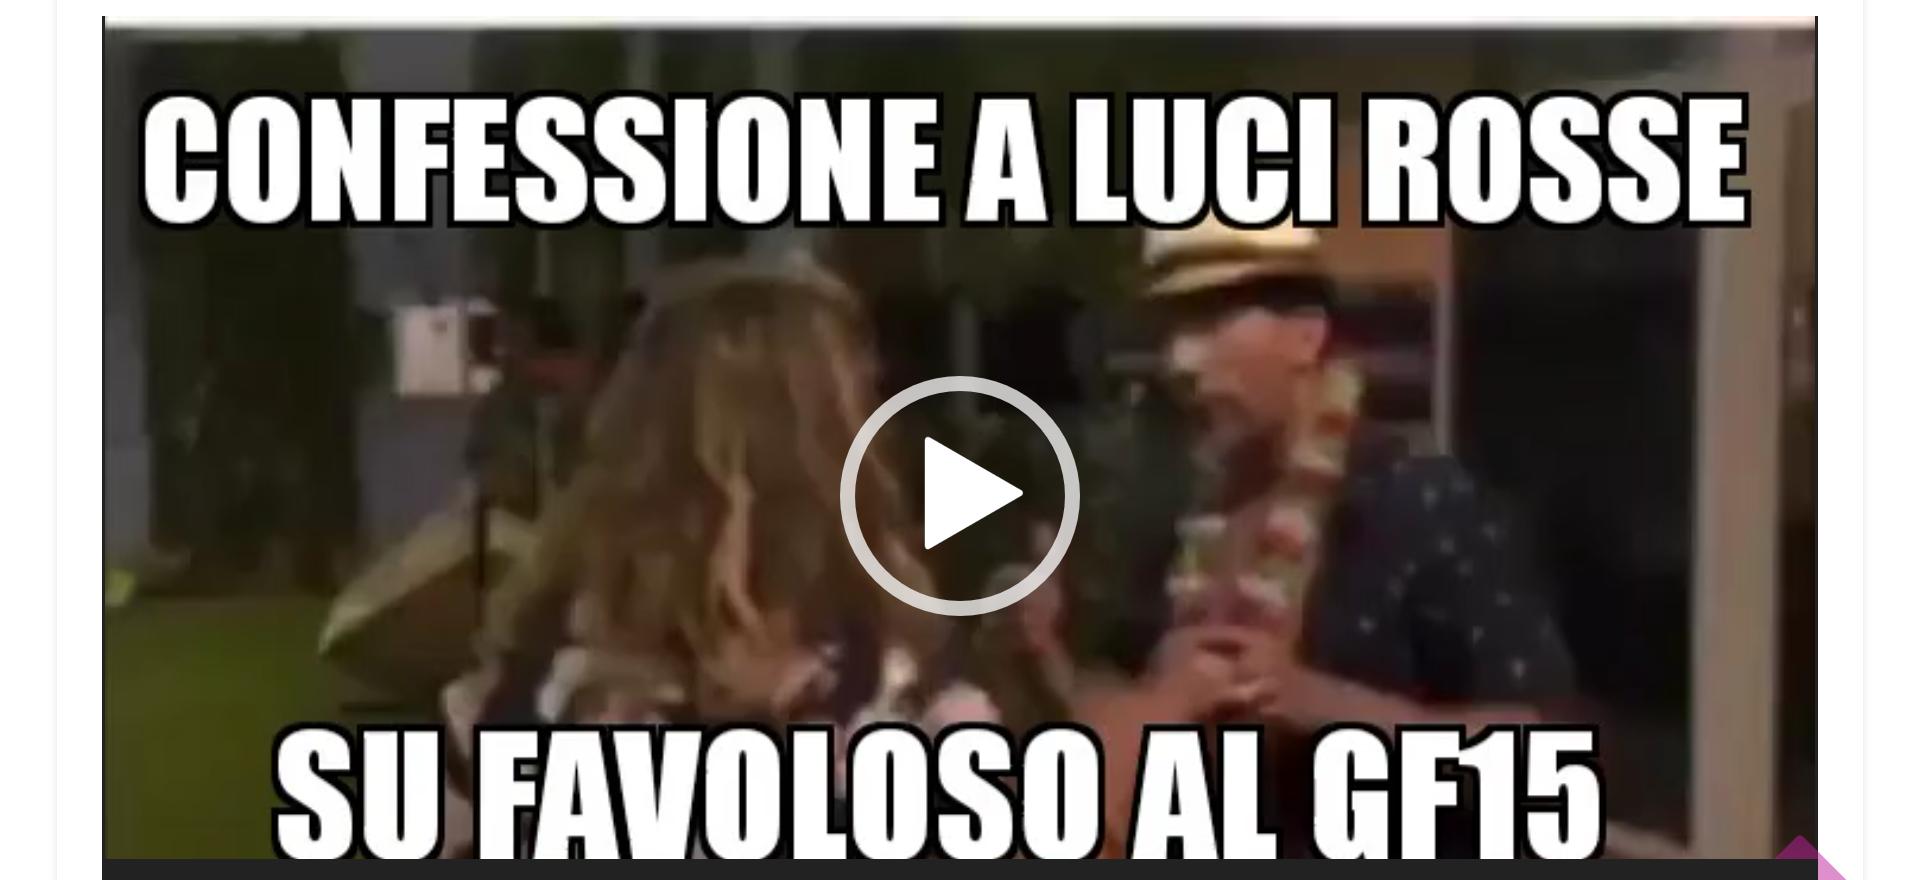 screenshot 2018 05 13 19 41 04977662942 - Grande Fratello: Luigi ha fatto l'amore con 3 ragazze nella casa? La confessione CHOC (VIDEO)